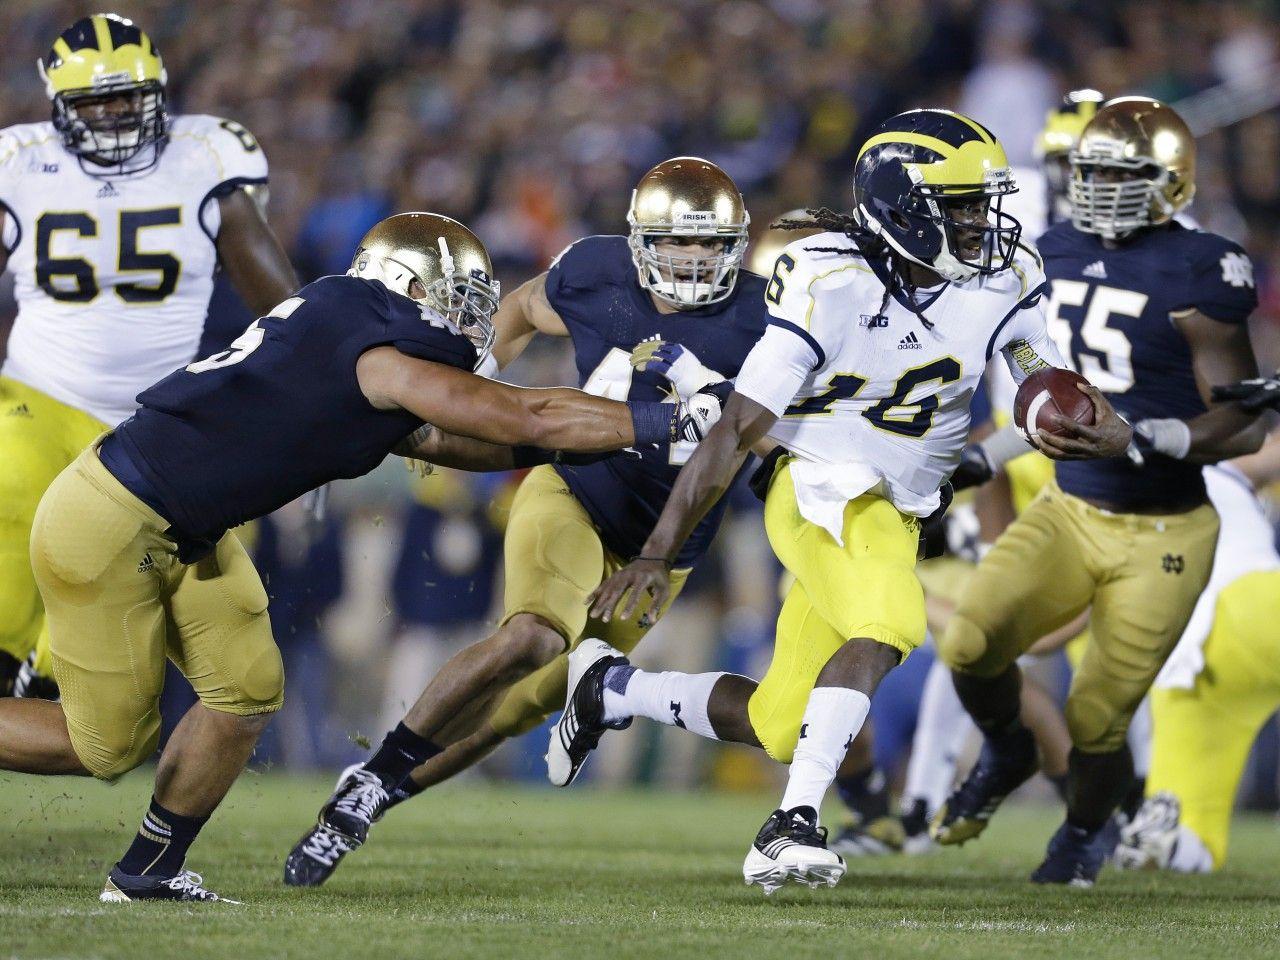 ANN ARBOR, Mich. (AP) — Notre Dame Big ten football